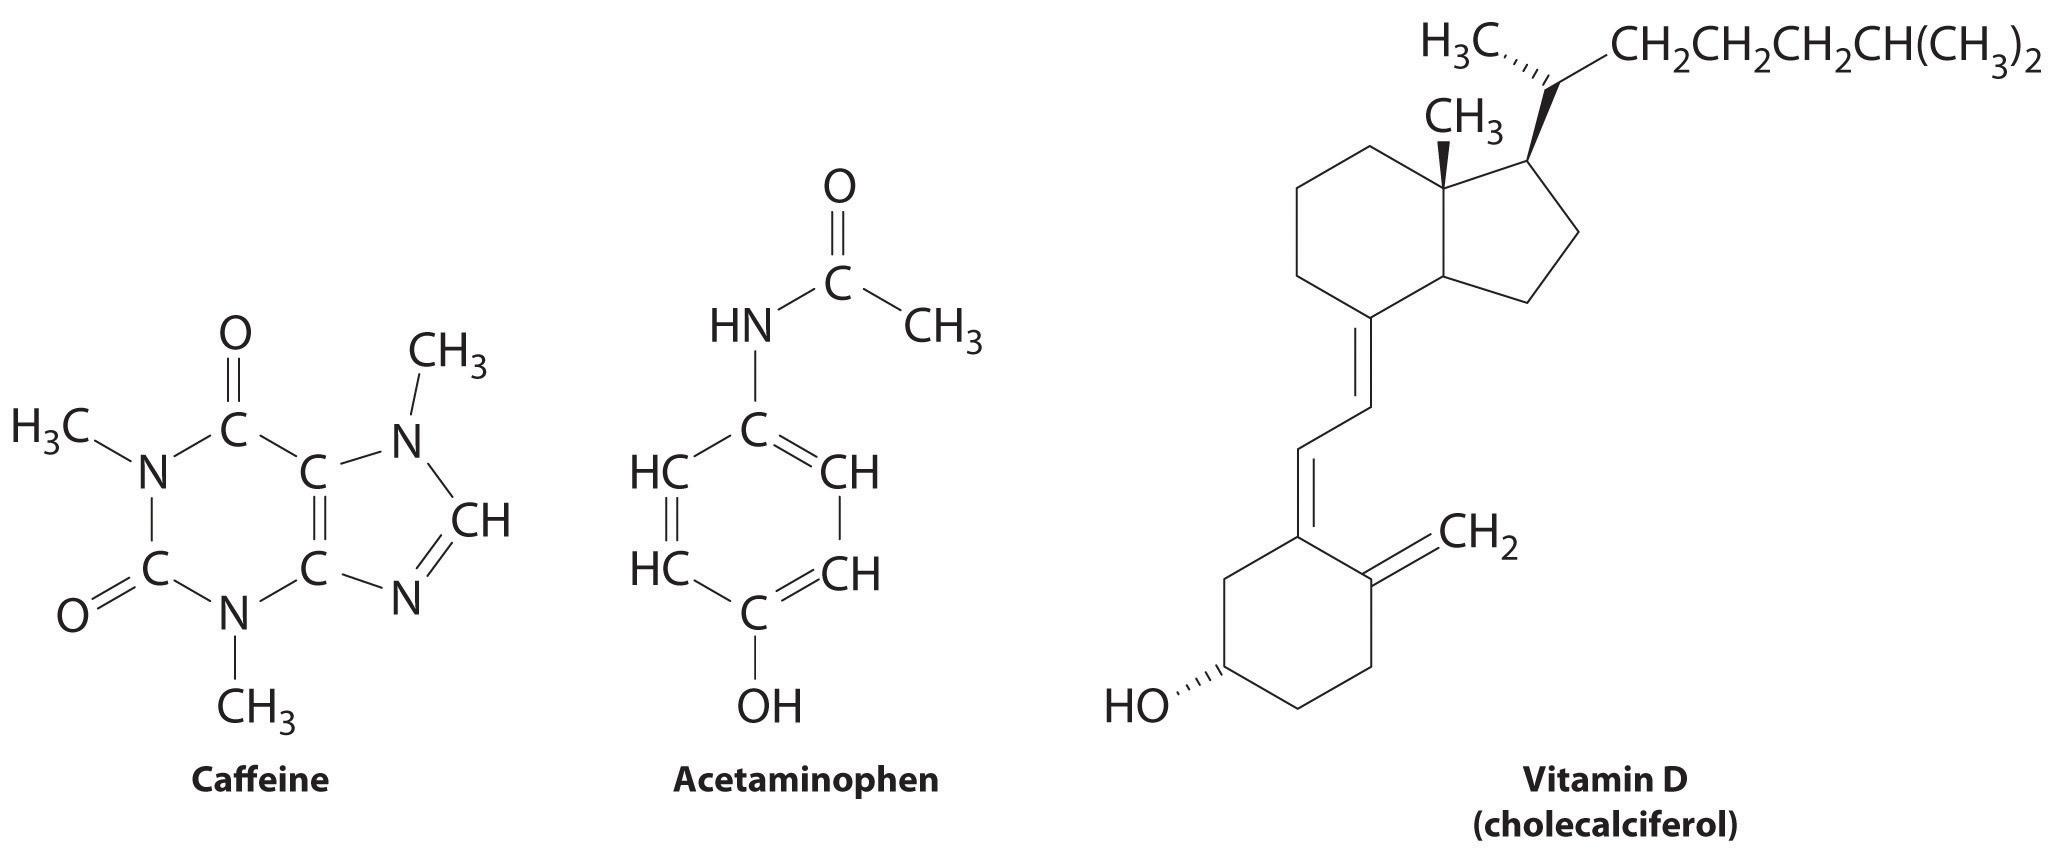 prednisone vitamin e interaction